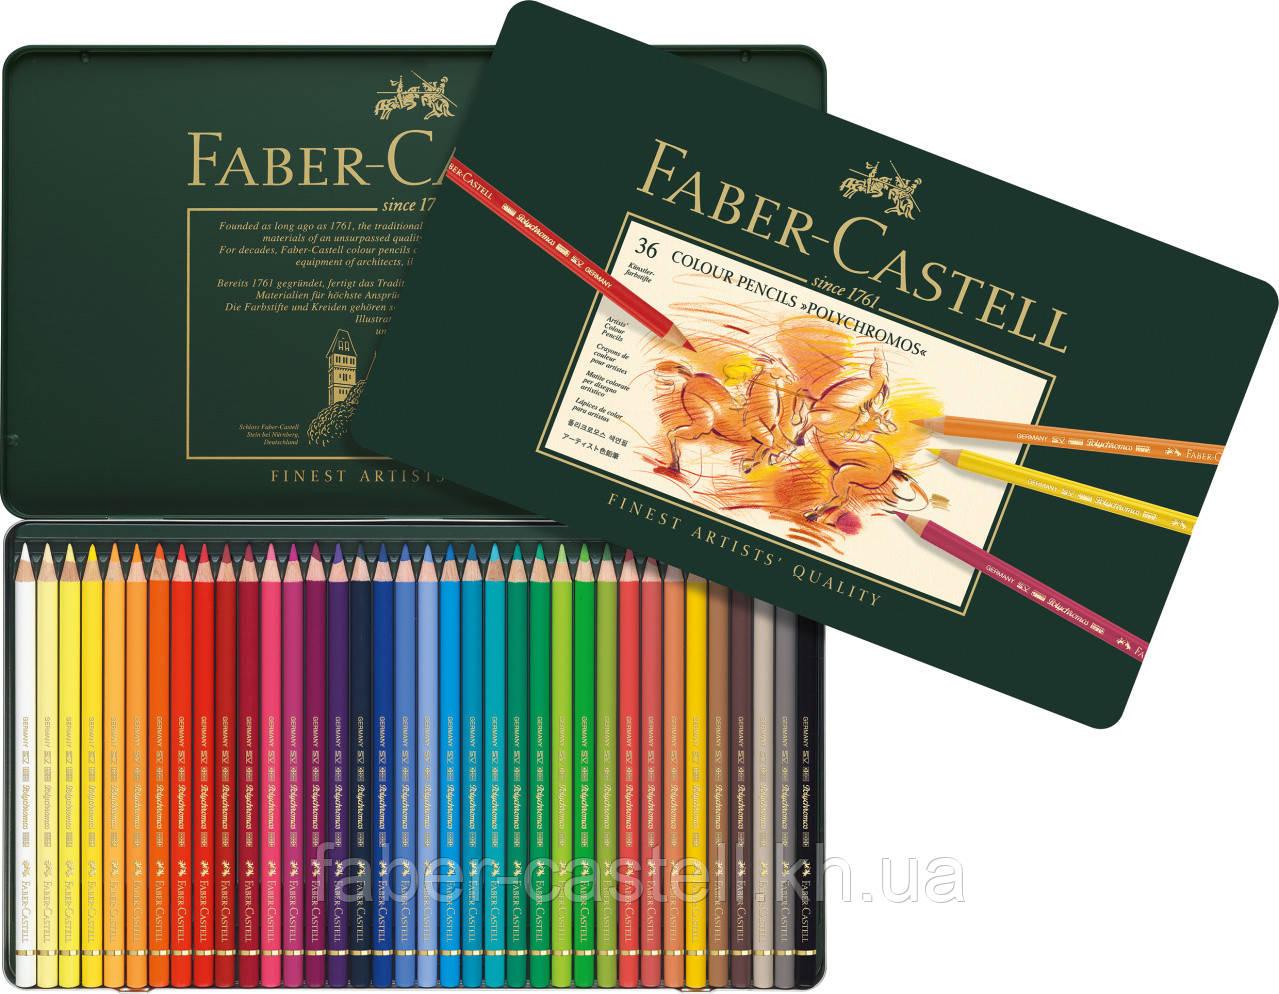 Карандаши художественные цветные Faber-Castell POLYCHROMOS 36 цветов в металлической коробке, 110036